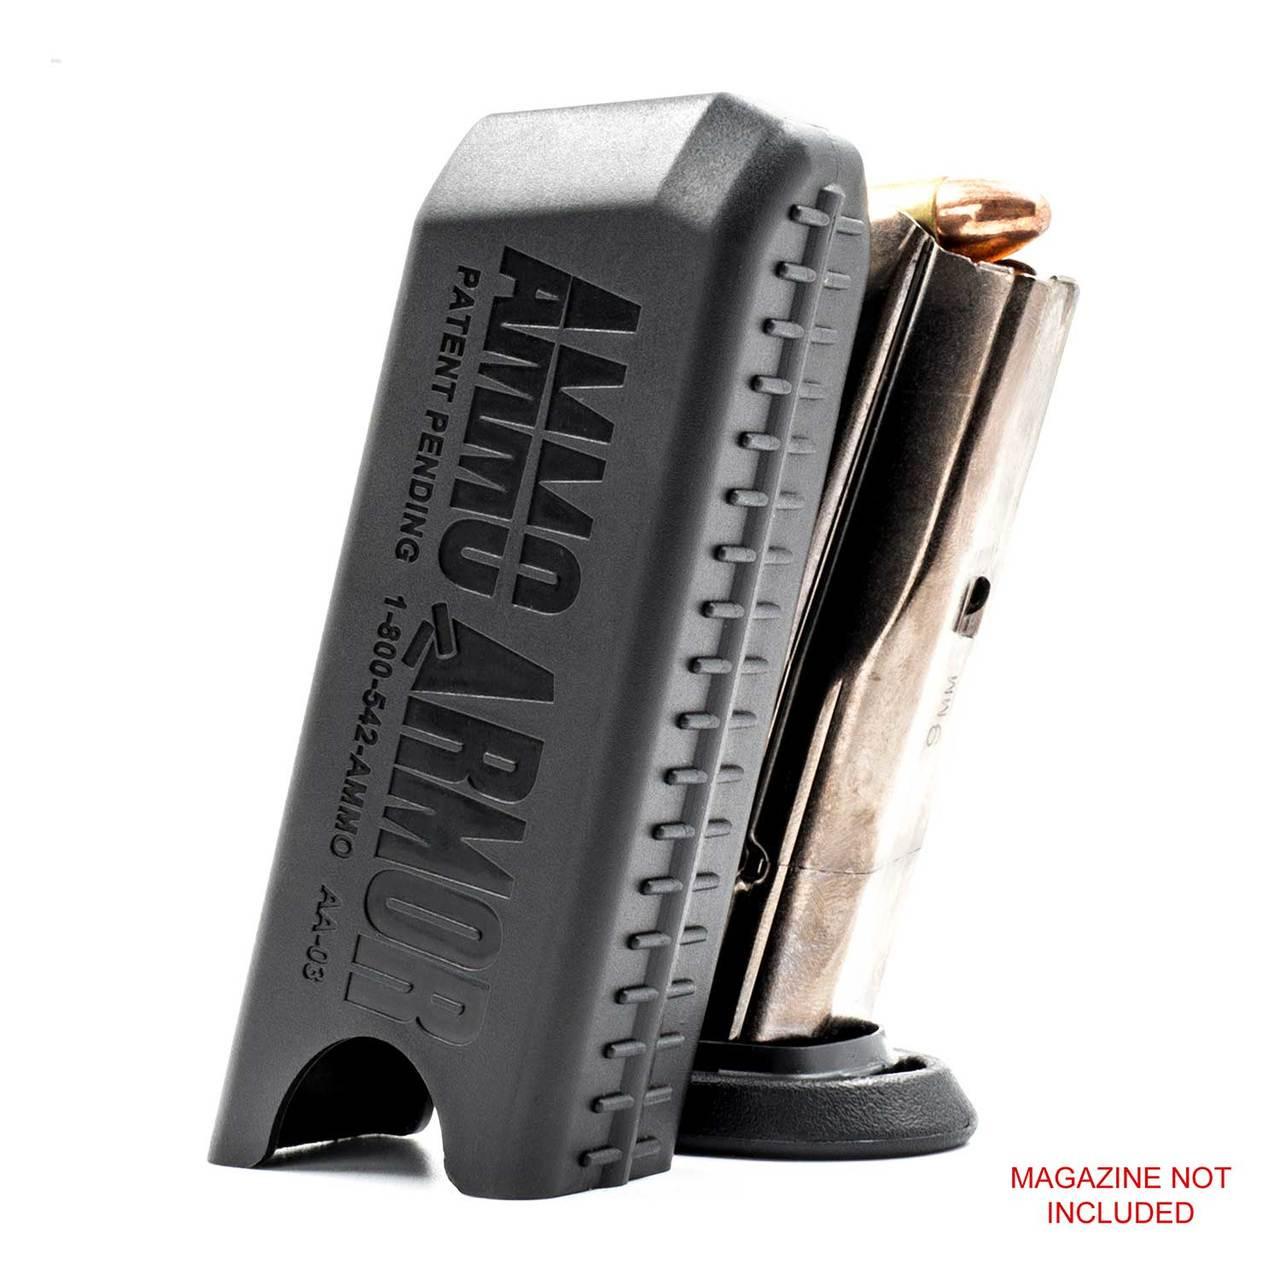 Beretta 92 Compact Magazine Protector